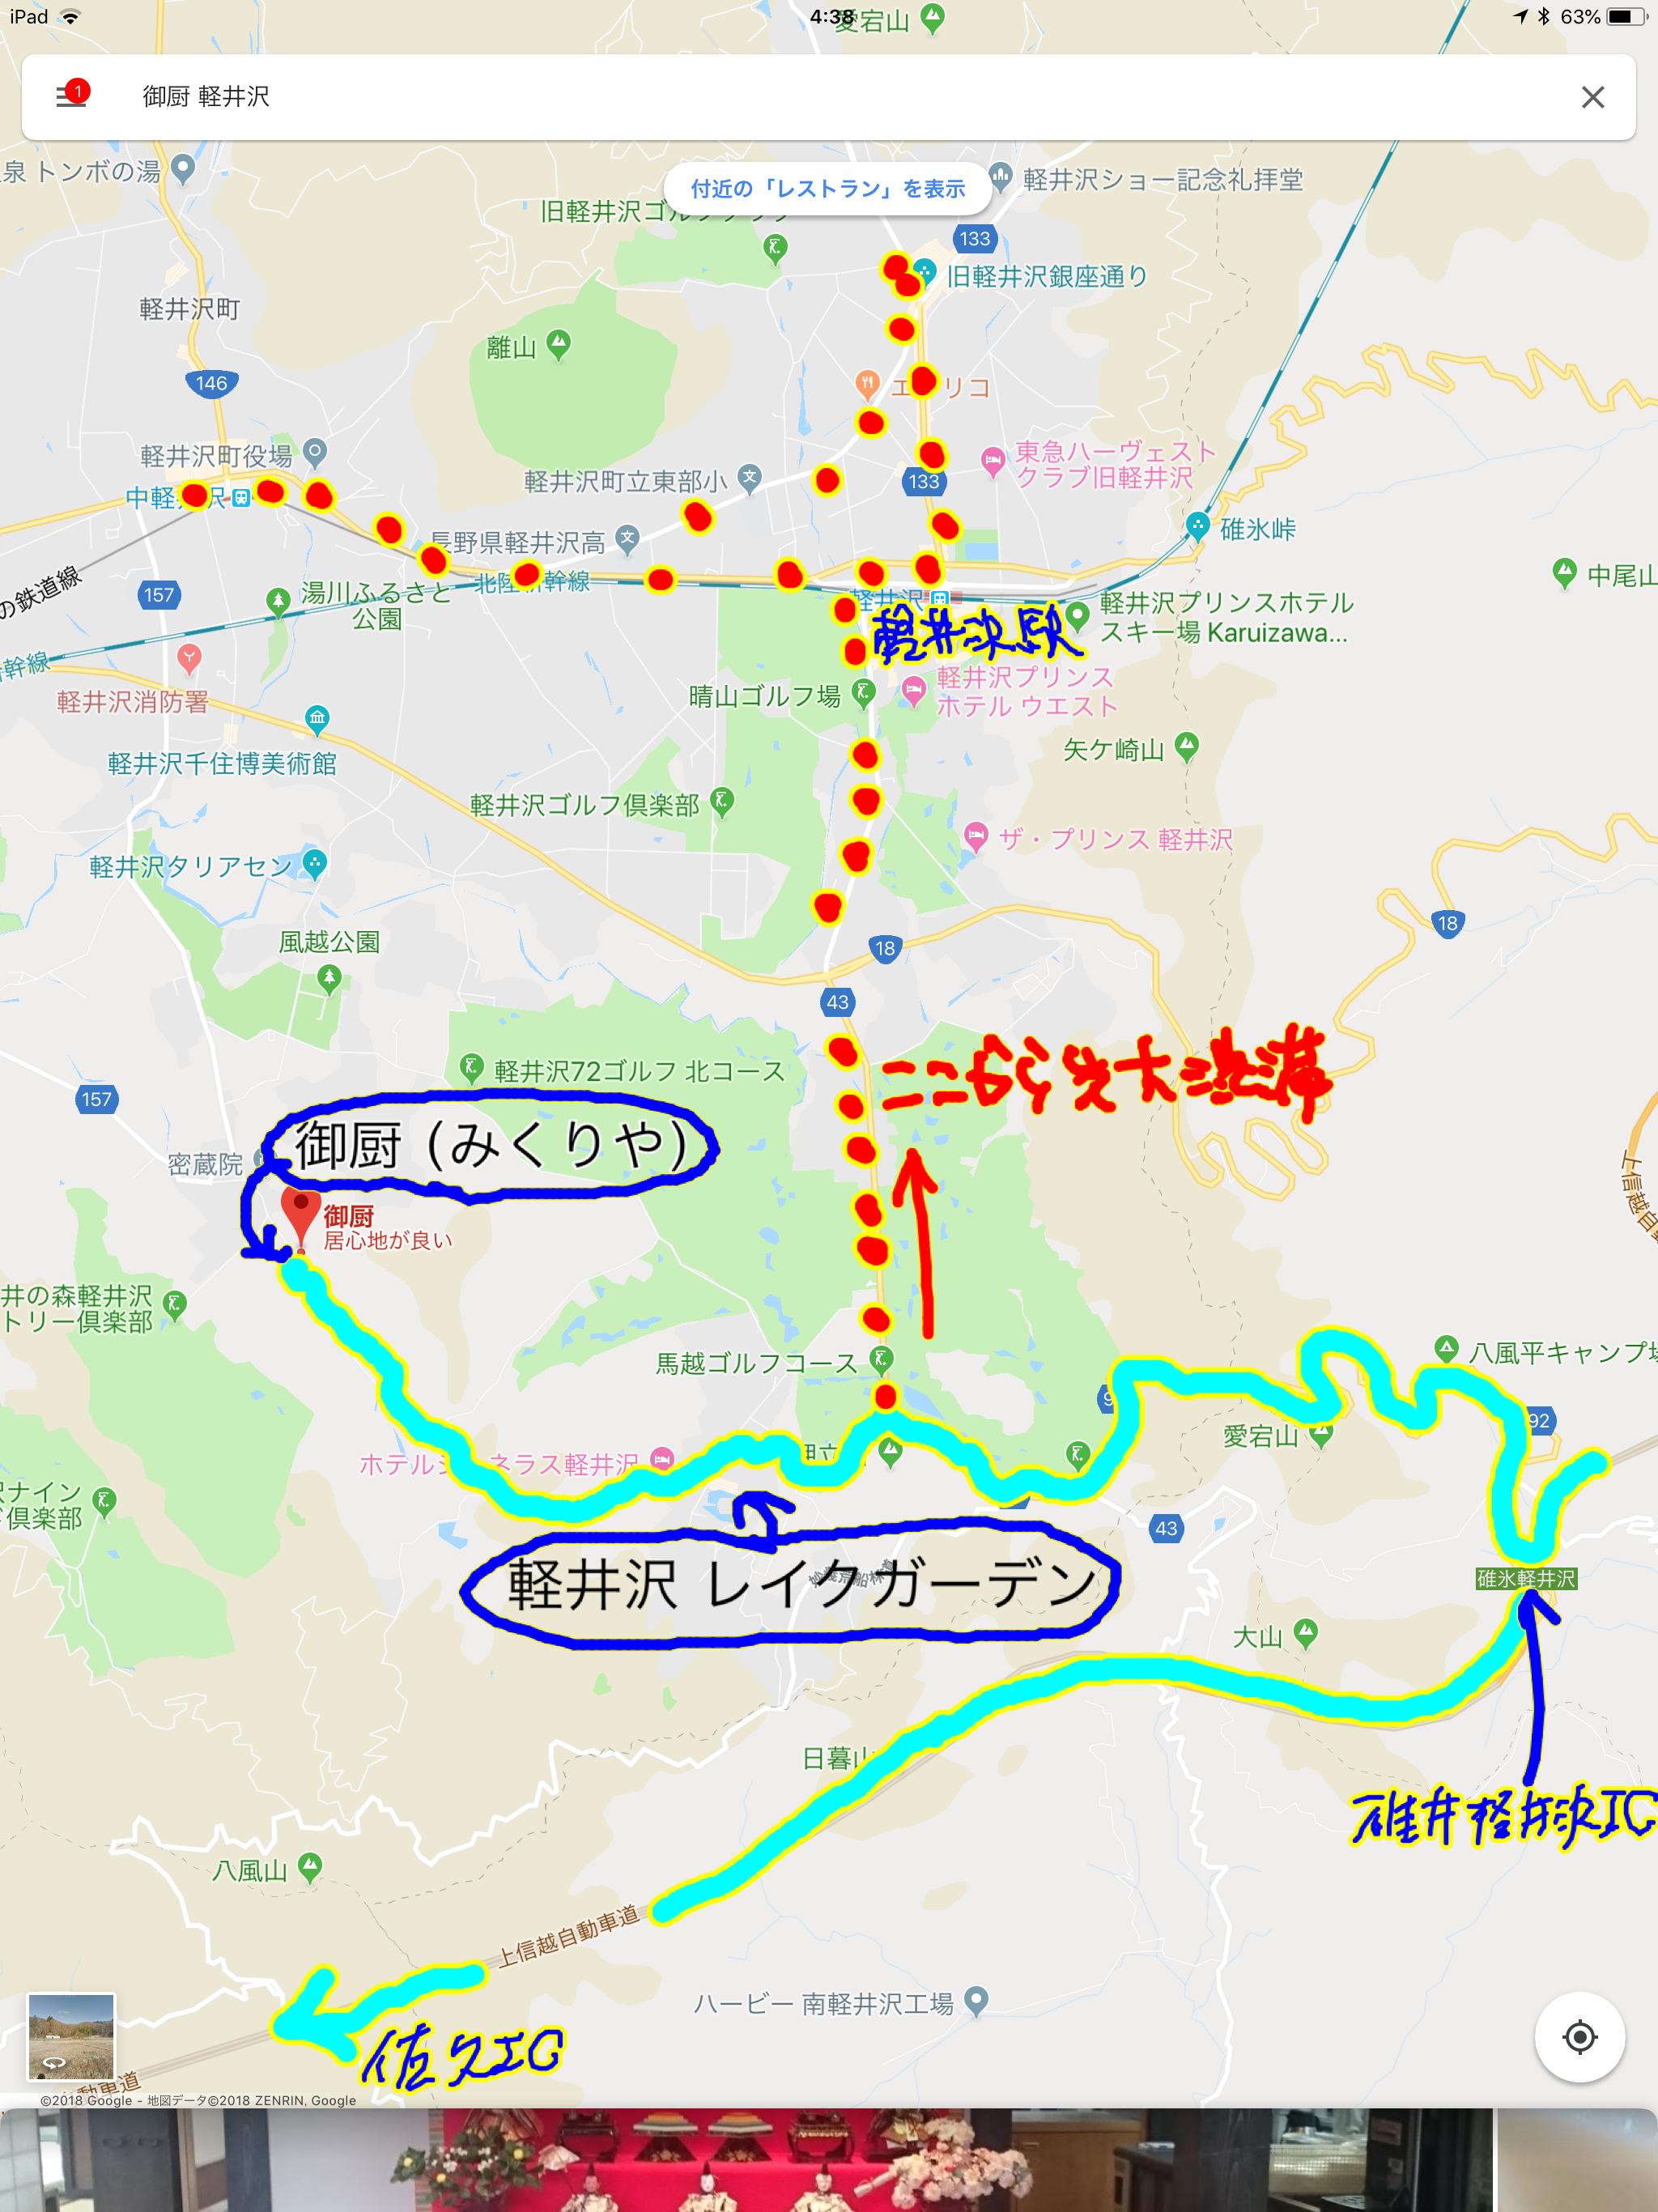 2018夏軽井沢 旅行アウトランダーPHEV行程 軽井沢レイクガーデン 御厨